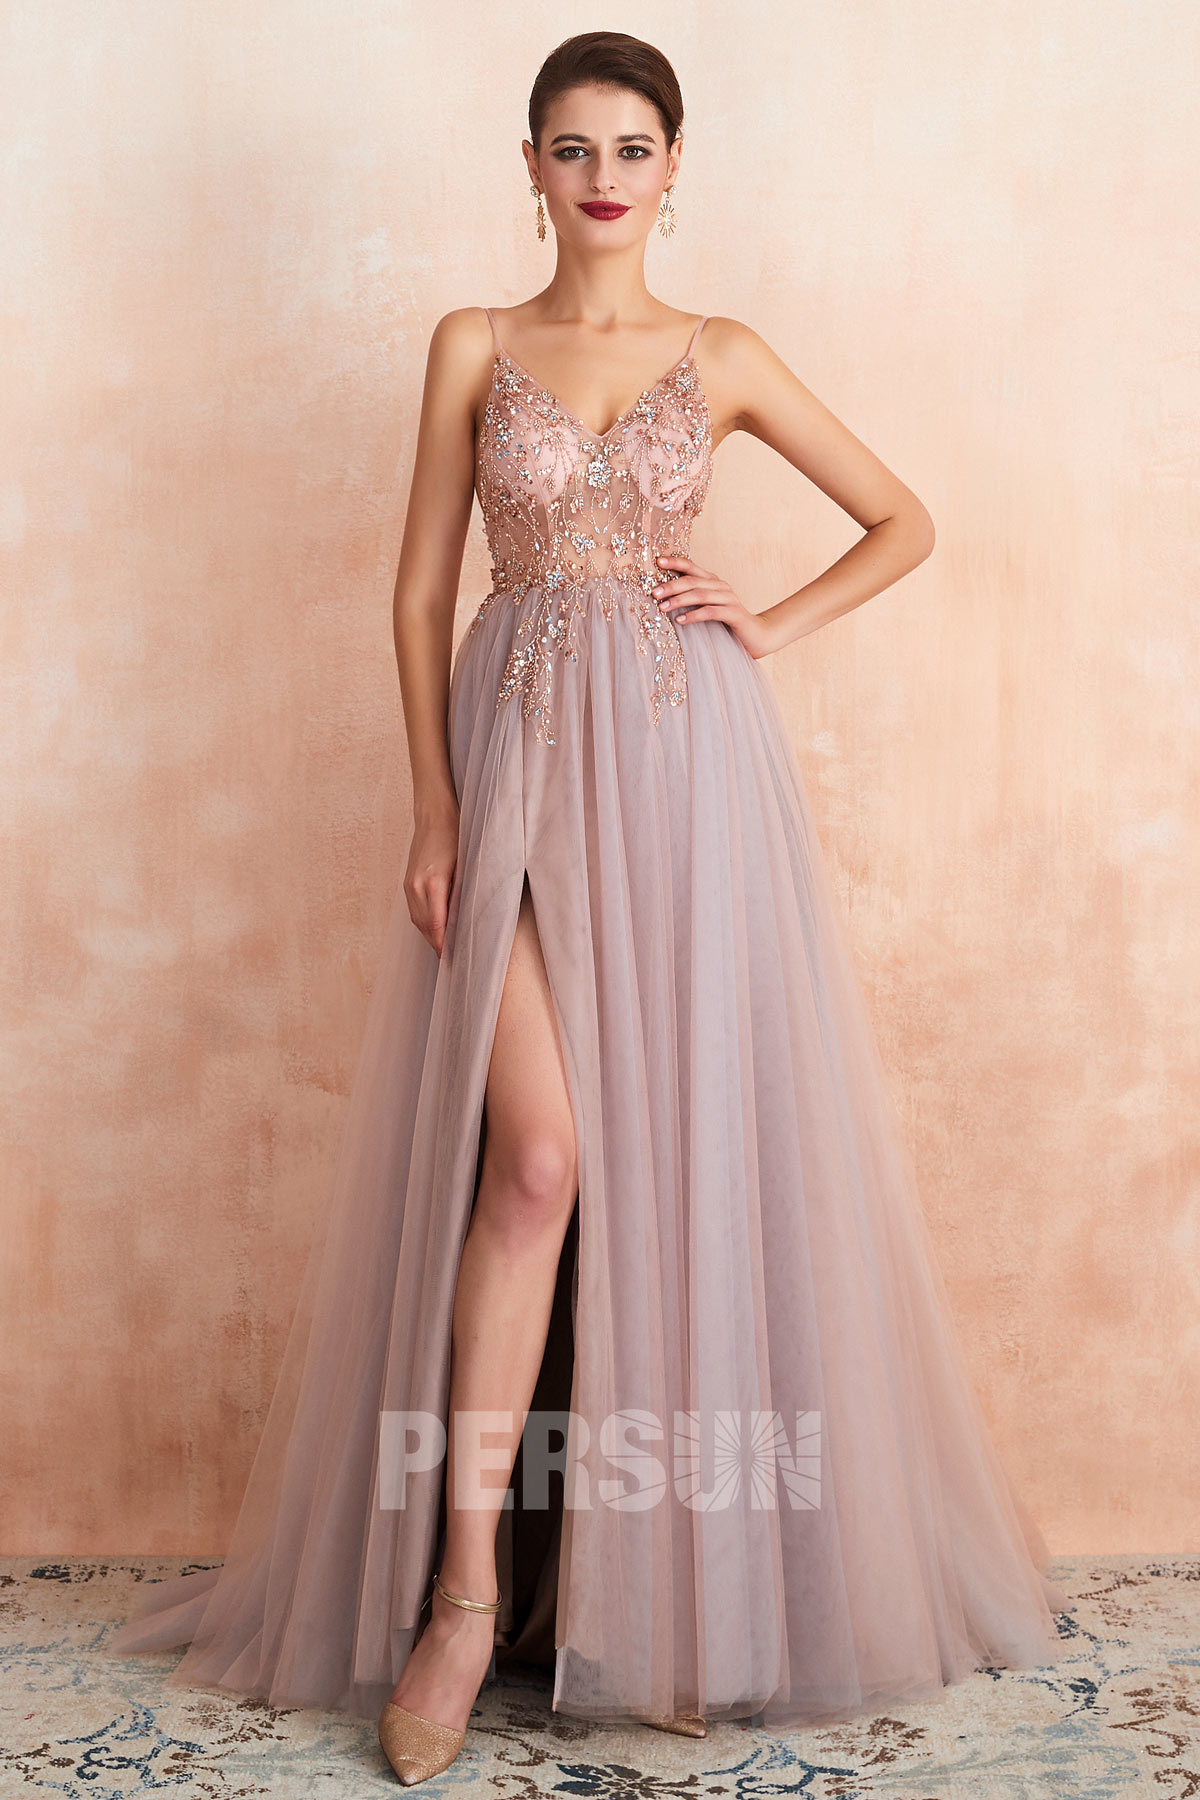 Quelles chaussures correspondent à une robe rose ?